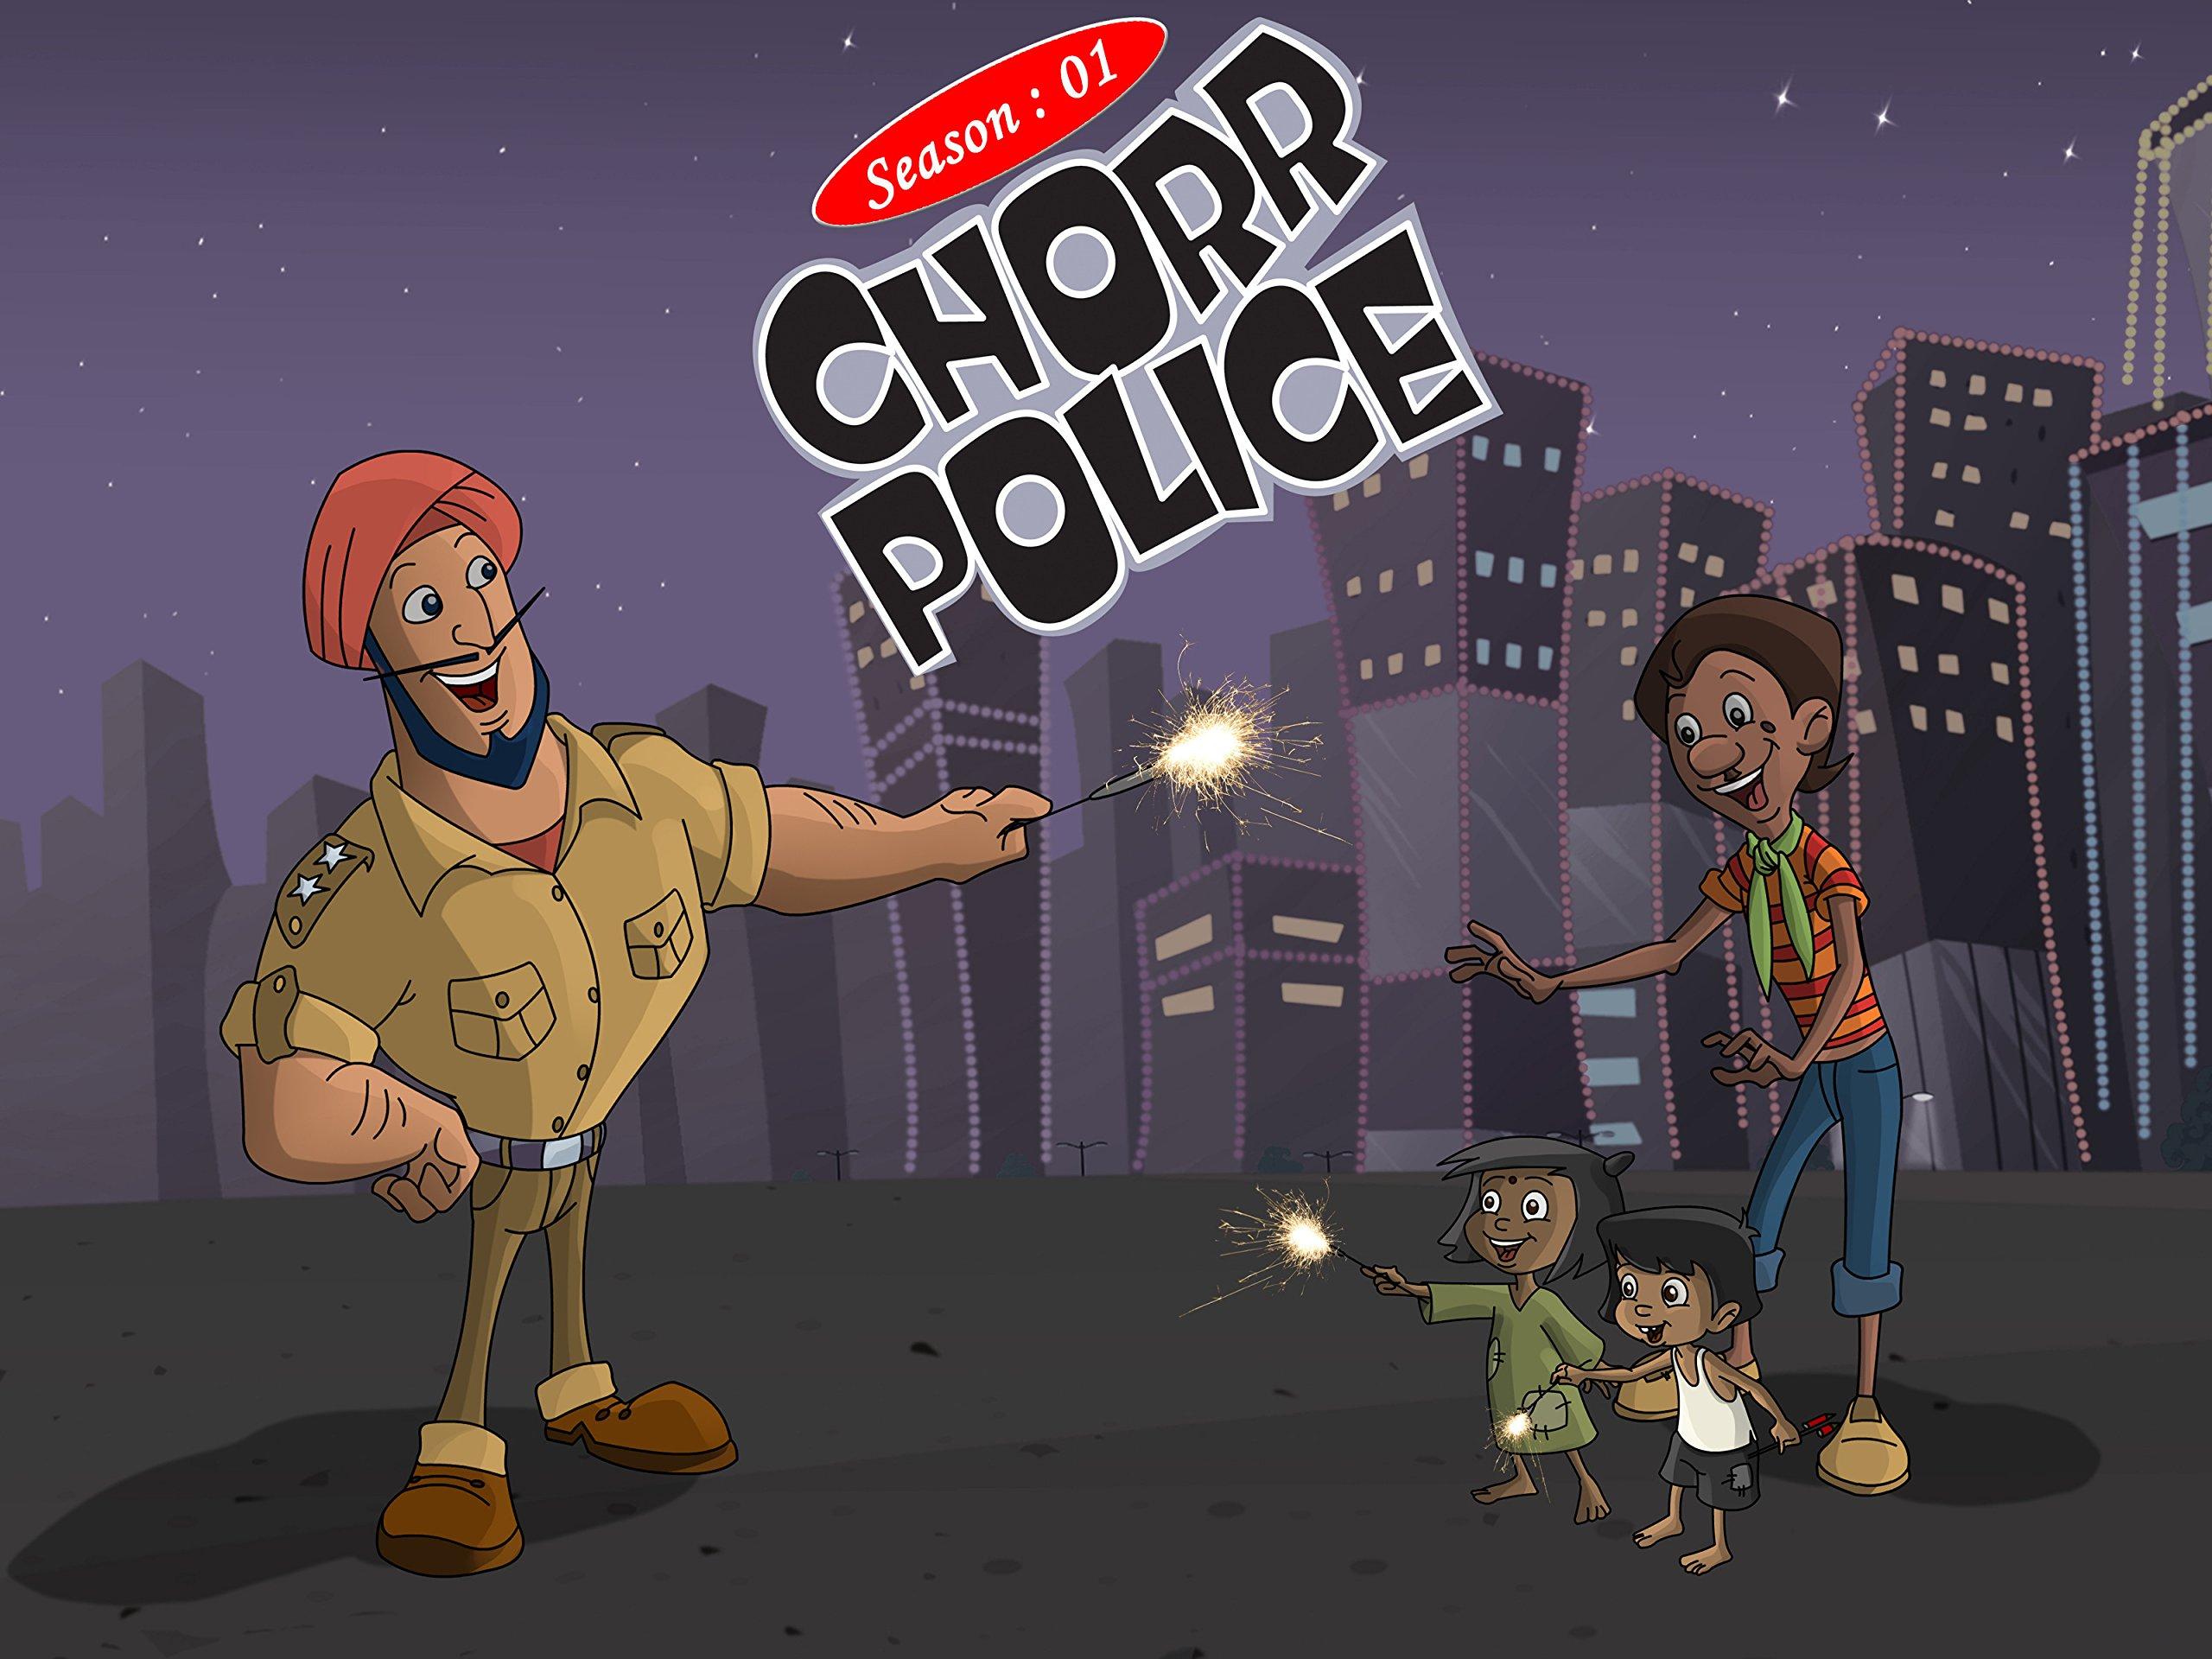 Chorr Police Season 01 - Season 1